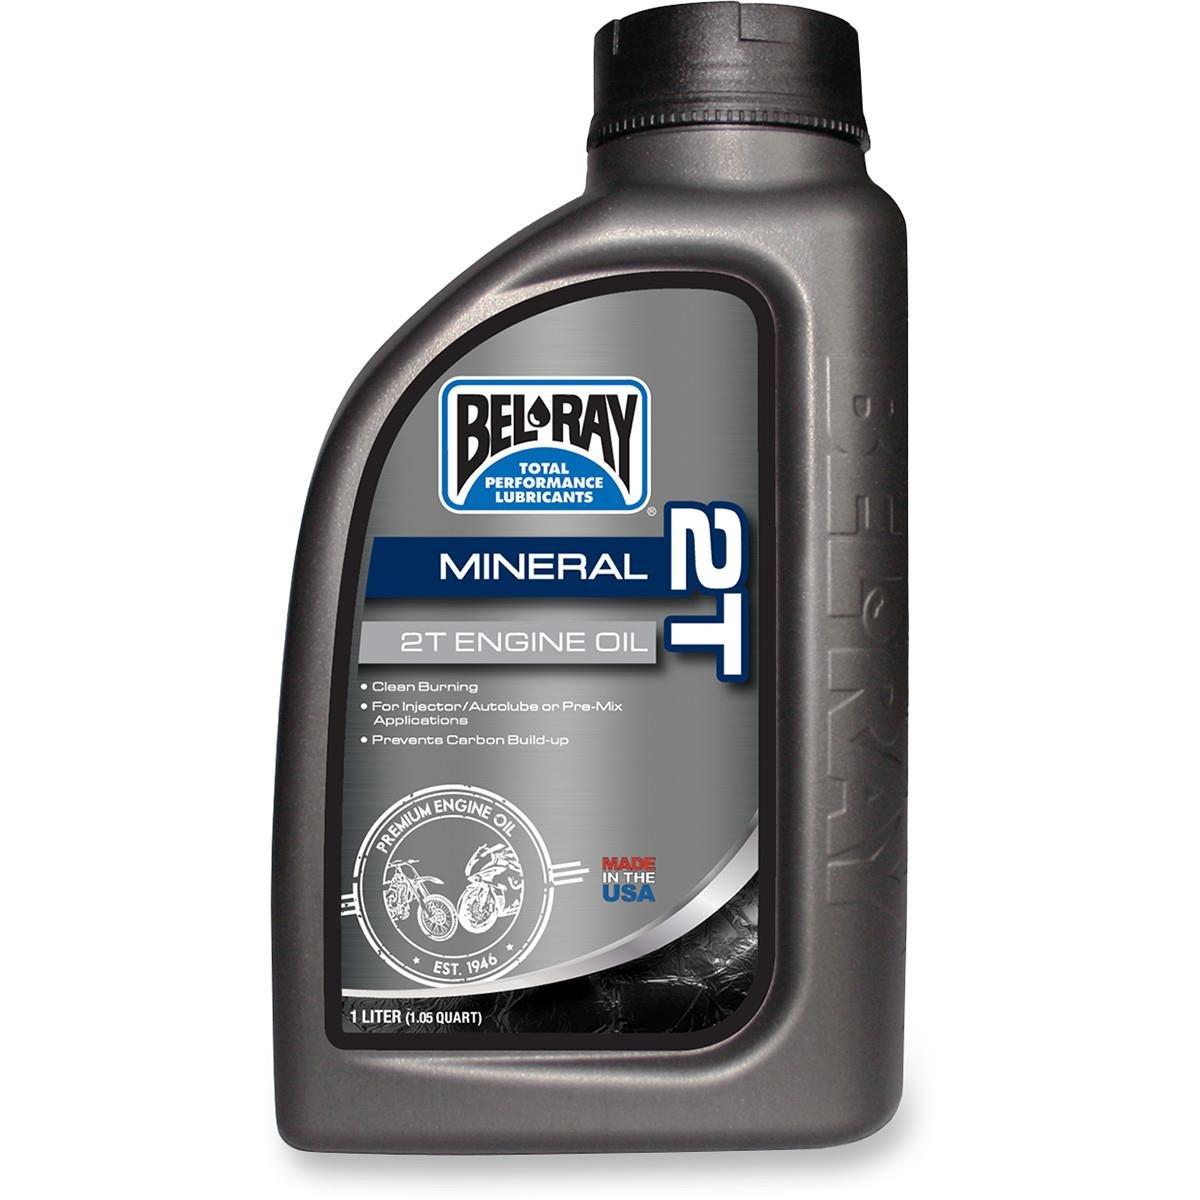 Bel-Ray 2T Mineral Engine Oil - 1L. 99010-B1LW (1) 3602-0055* 620015